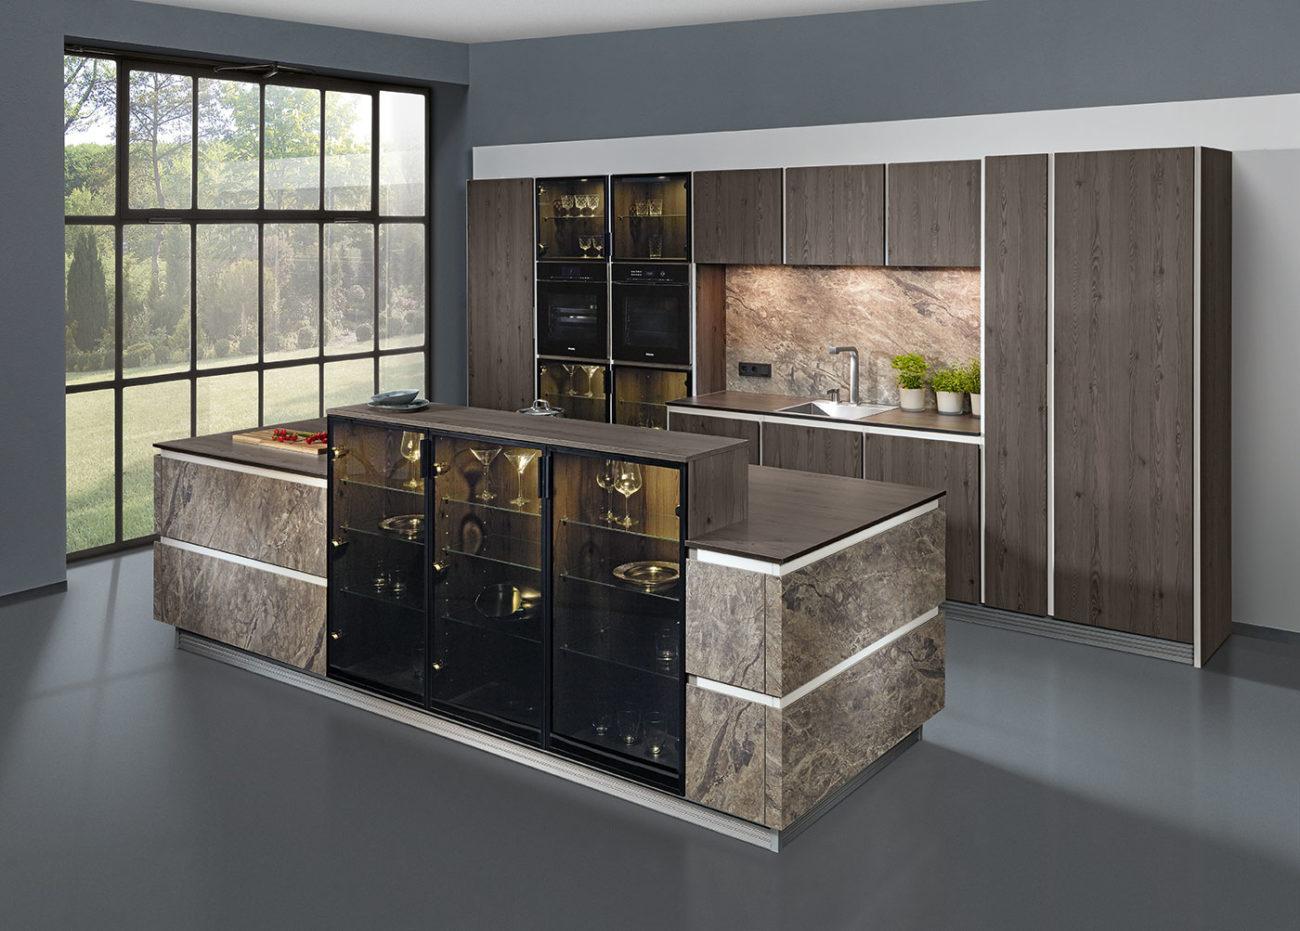 Full Size of Nolte Küchen Glasfront Kchenfronten Trends 2018 Fronten Aus Glas Betten Küche Schlafzimmer Regal Wohnzimmer Nolte Küchen Glasfront